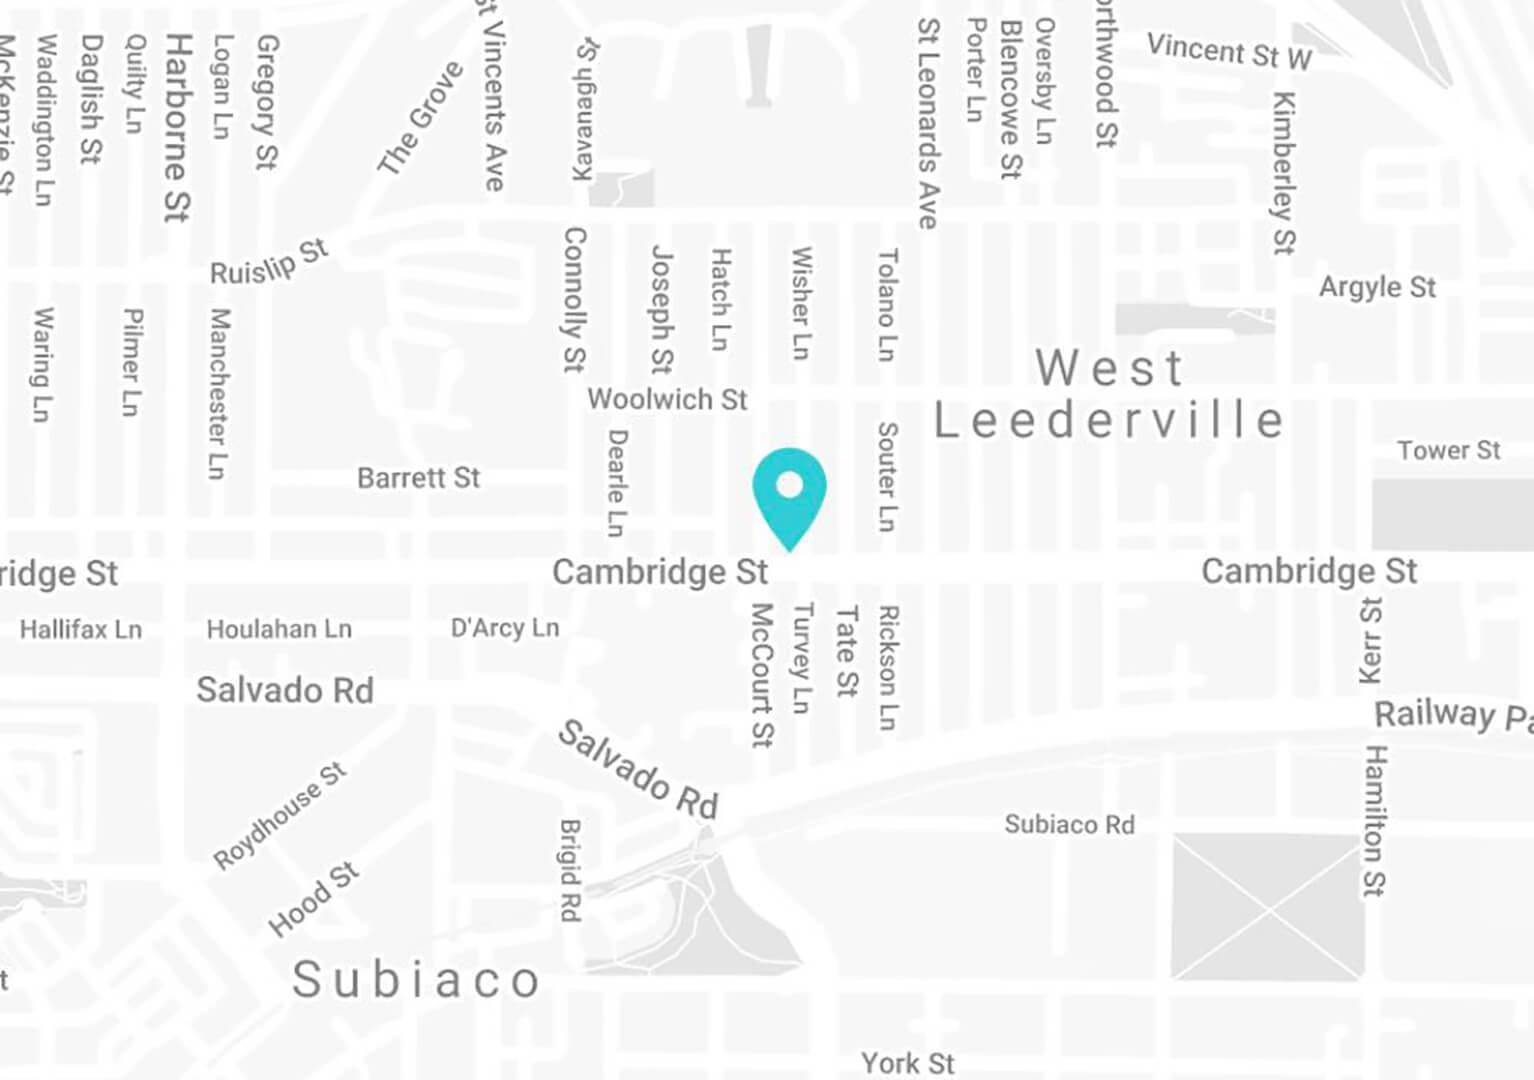 Contact Dr Susan Ho - West Leederville